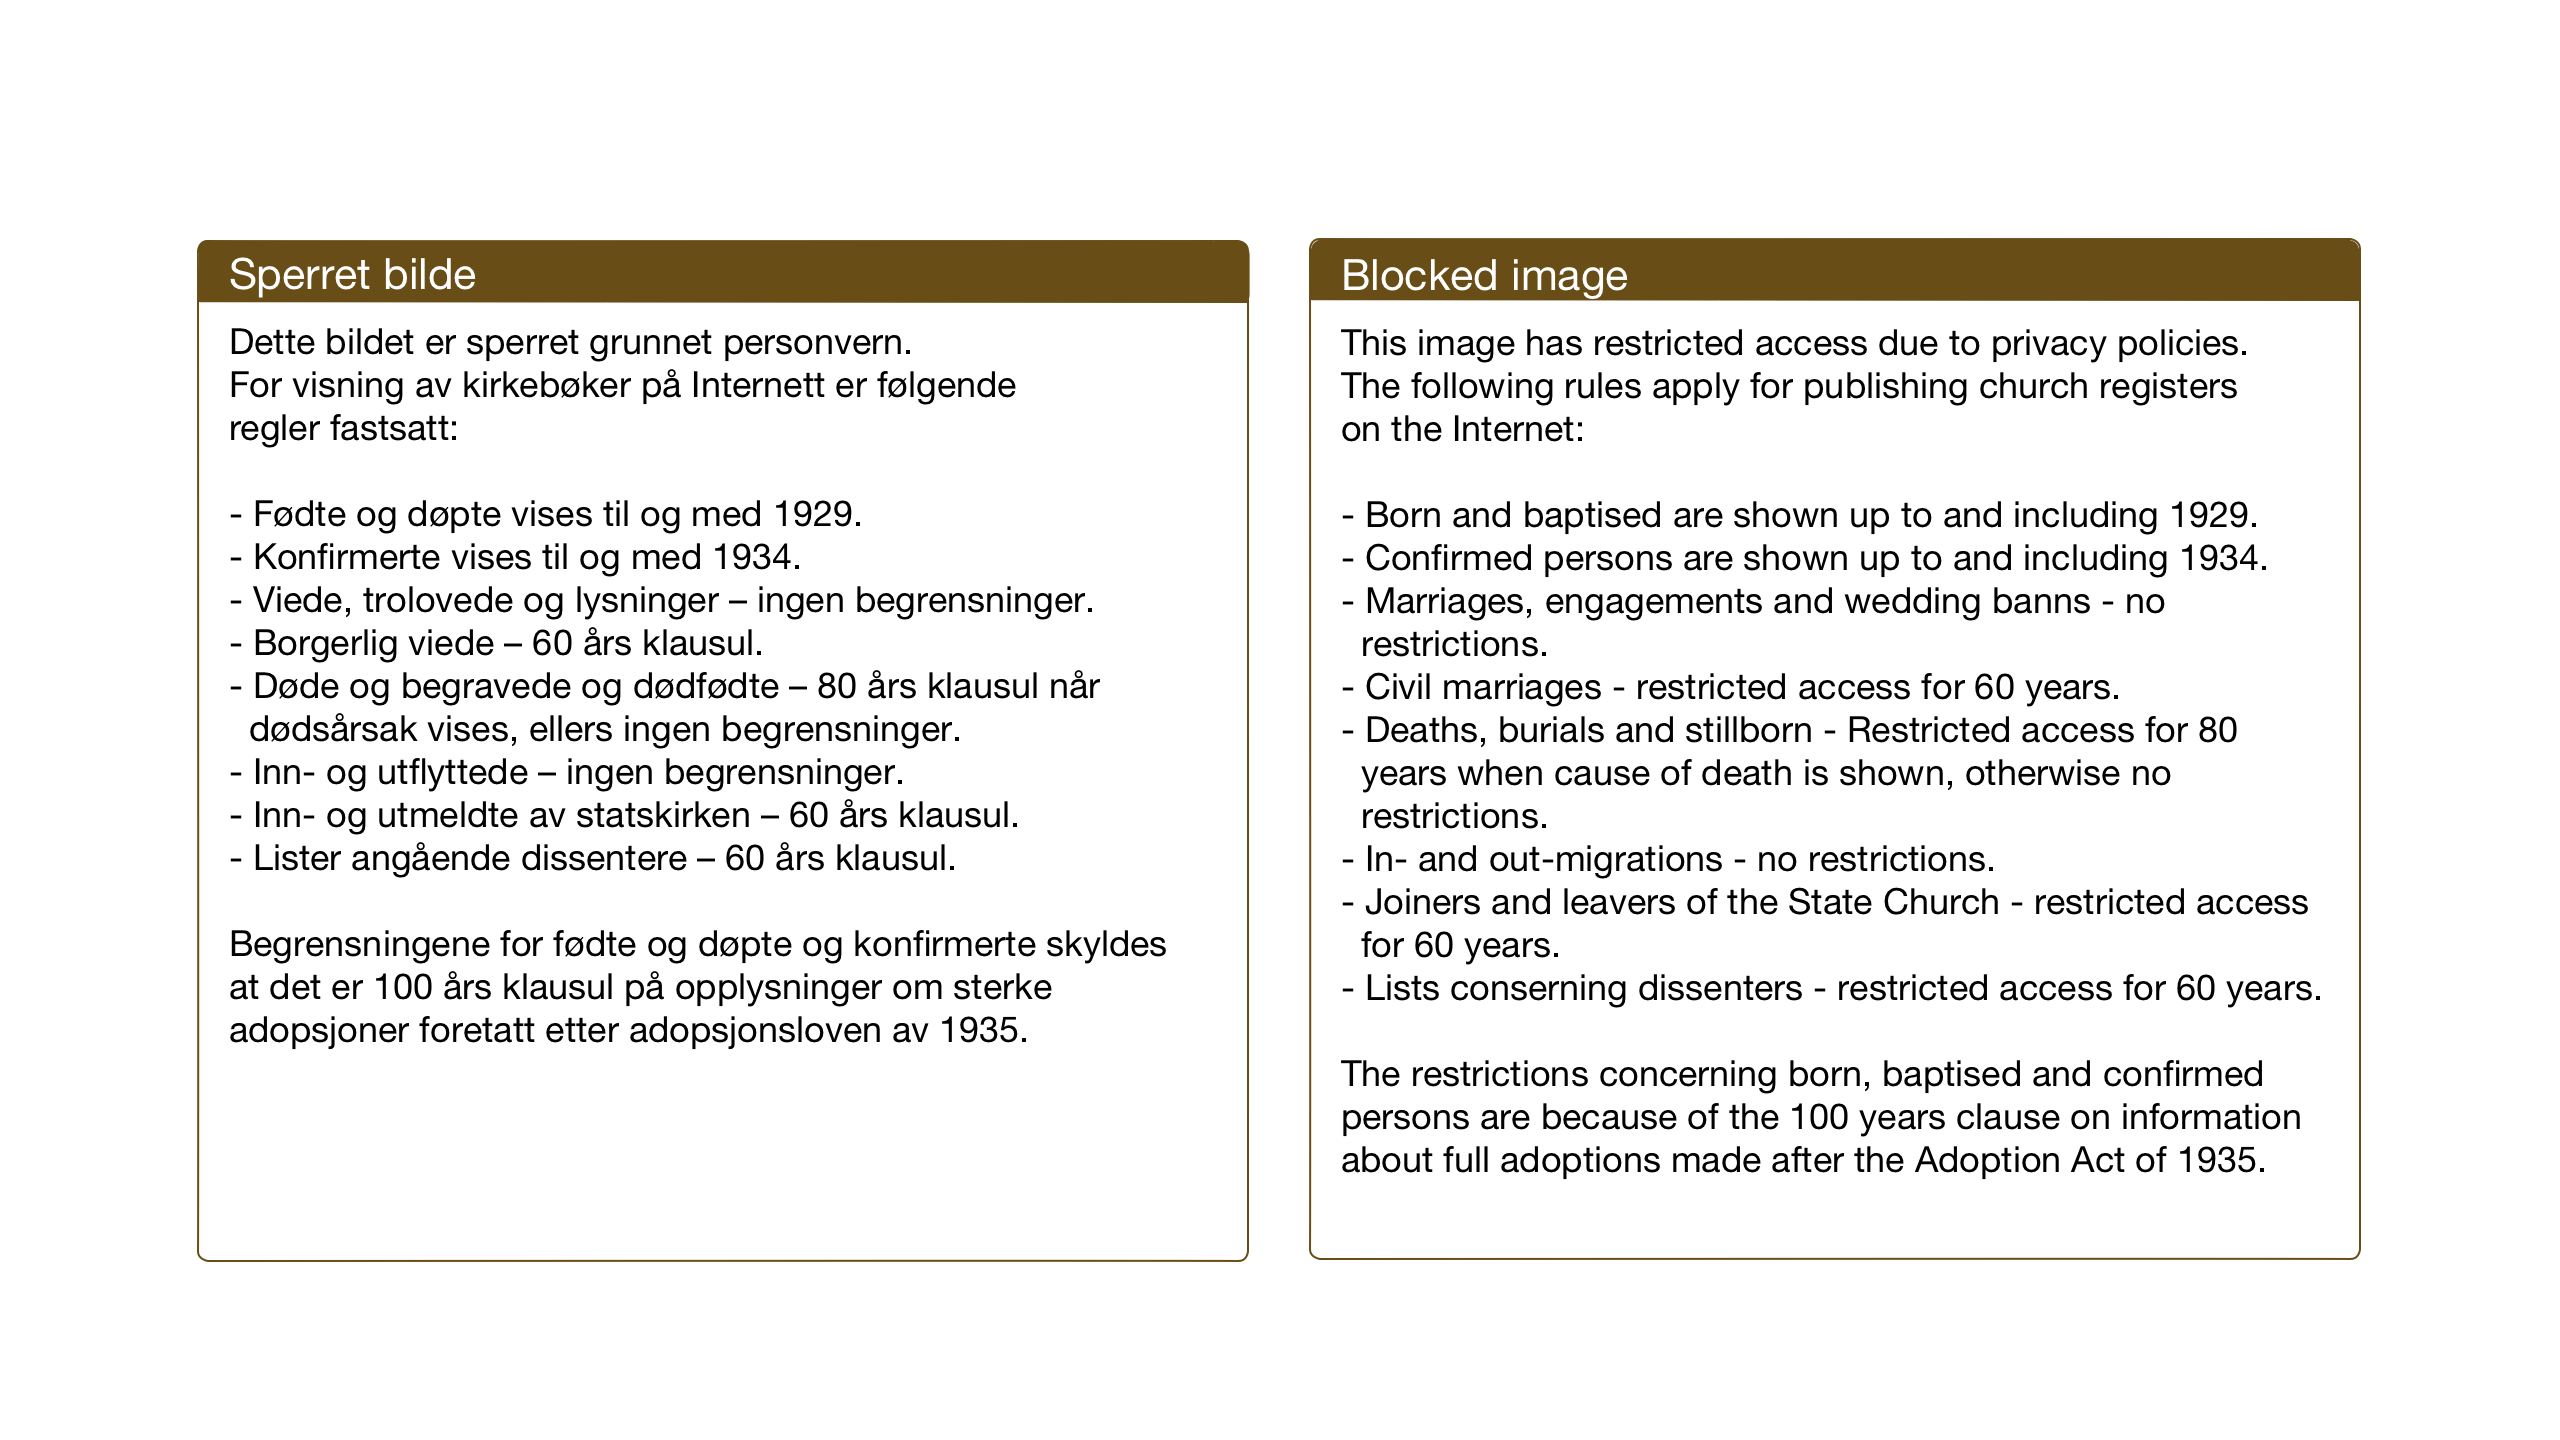 SAT, Ministerialprotokoller, klokkerbøker og fødselsregistre - Nord-Trøndelag, 731/L0312: Klokkerbok nr. 731C03, 1911-1935, s. 49